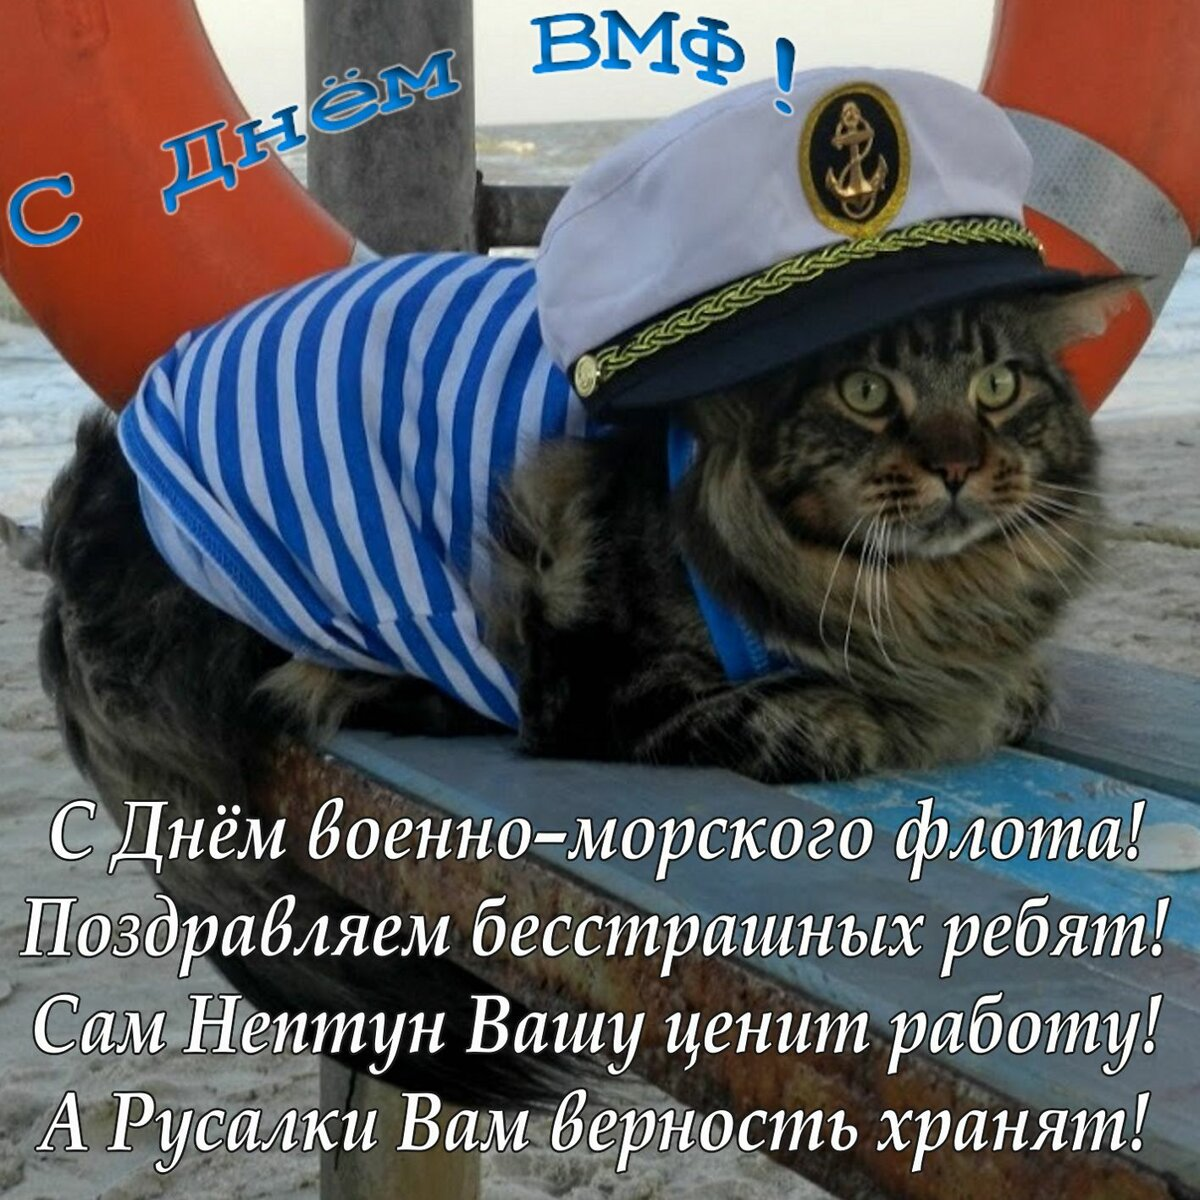 Смешные картинки с днем военно-морского флота, днем